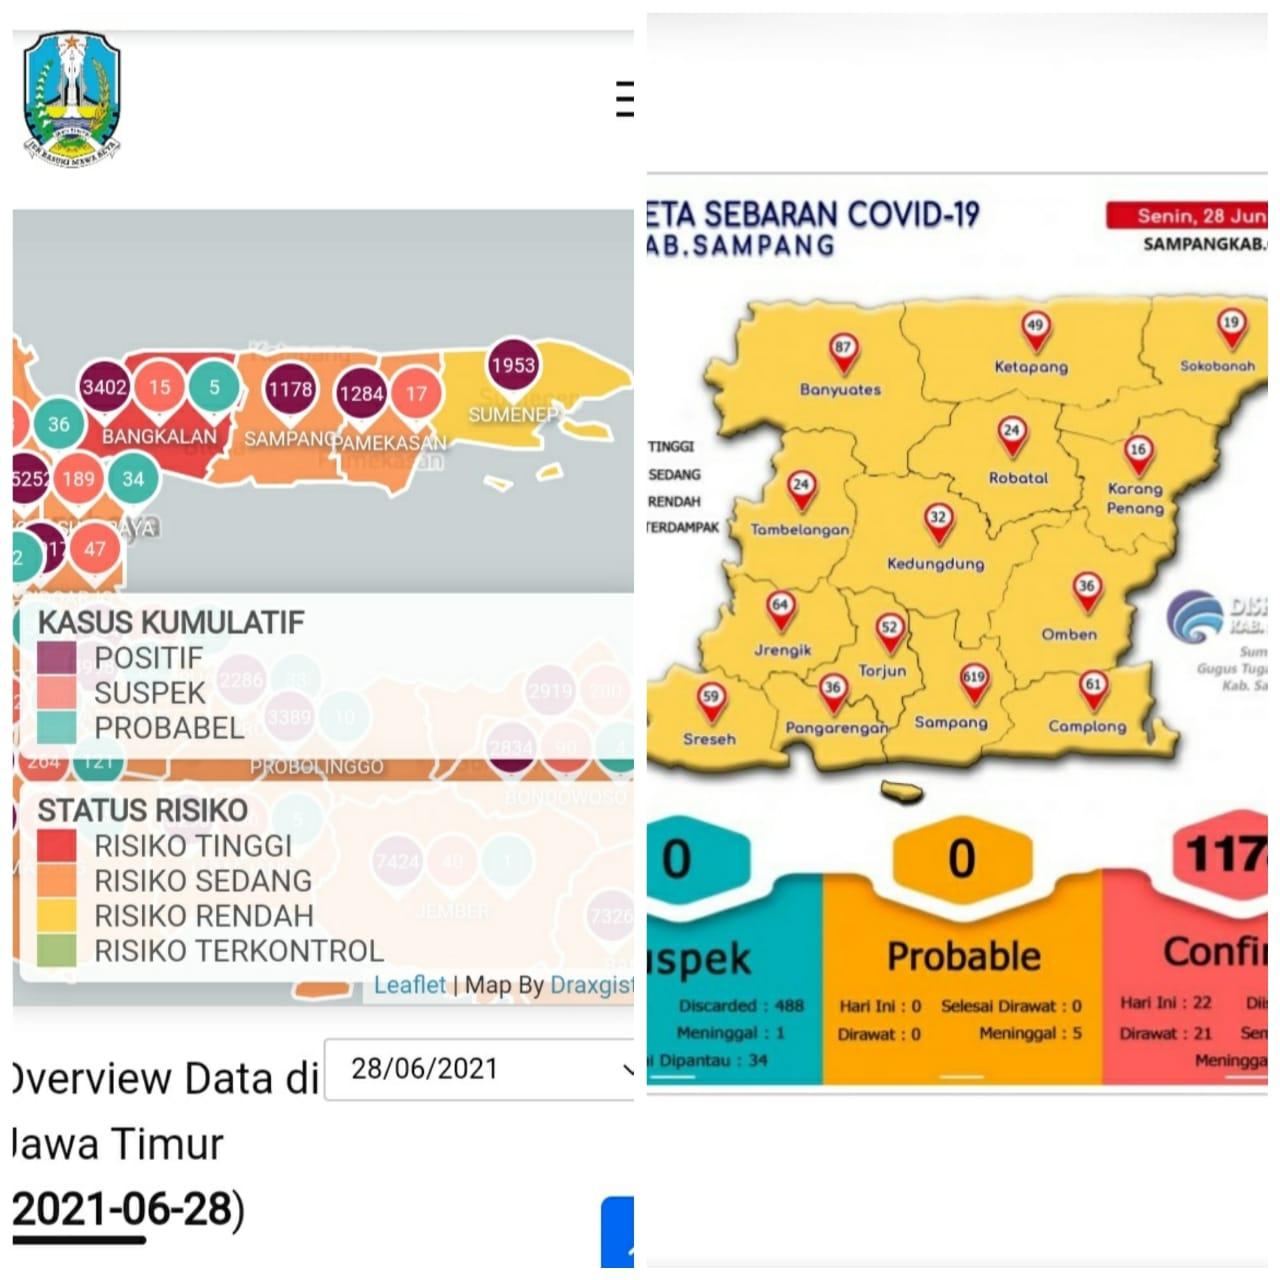 Warna Peta Sebaran Covid-19 Tak Sama, Begini Penjelasan Diskominfo Sampang.